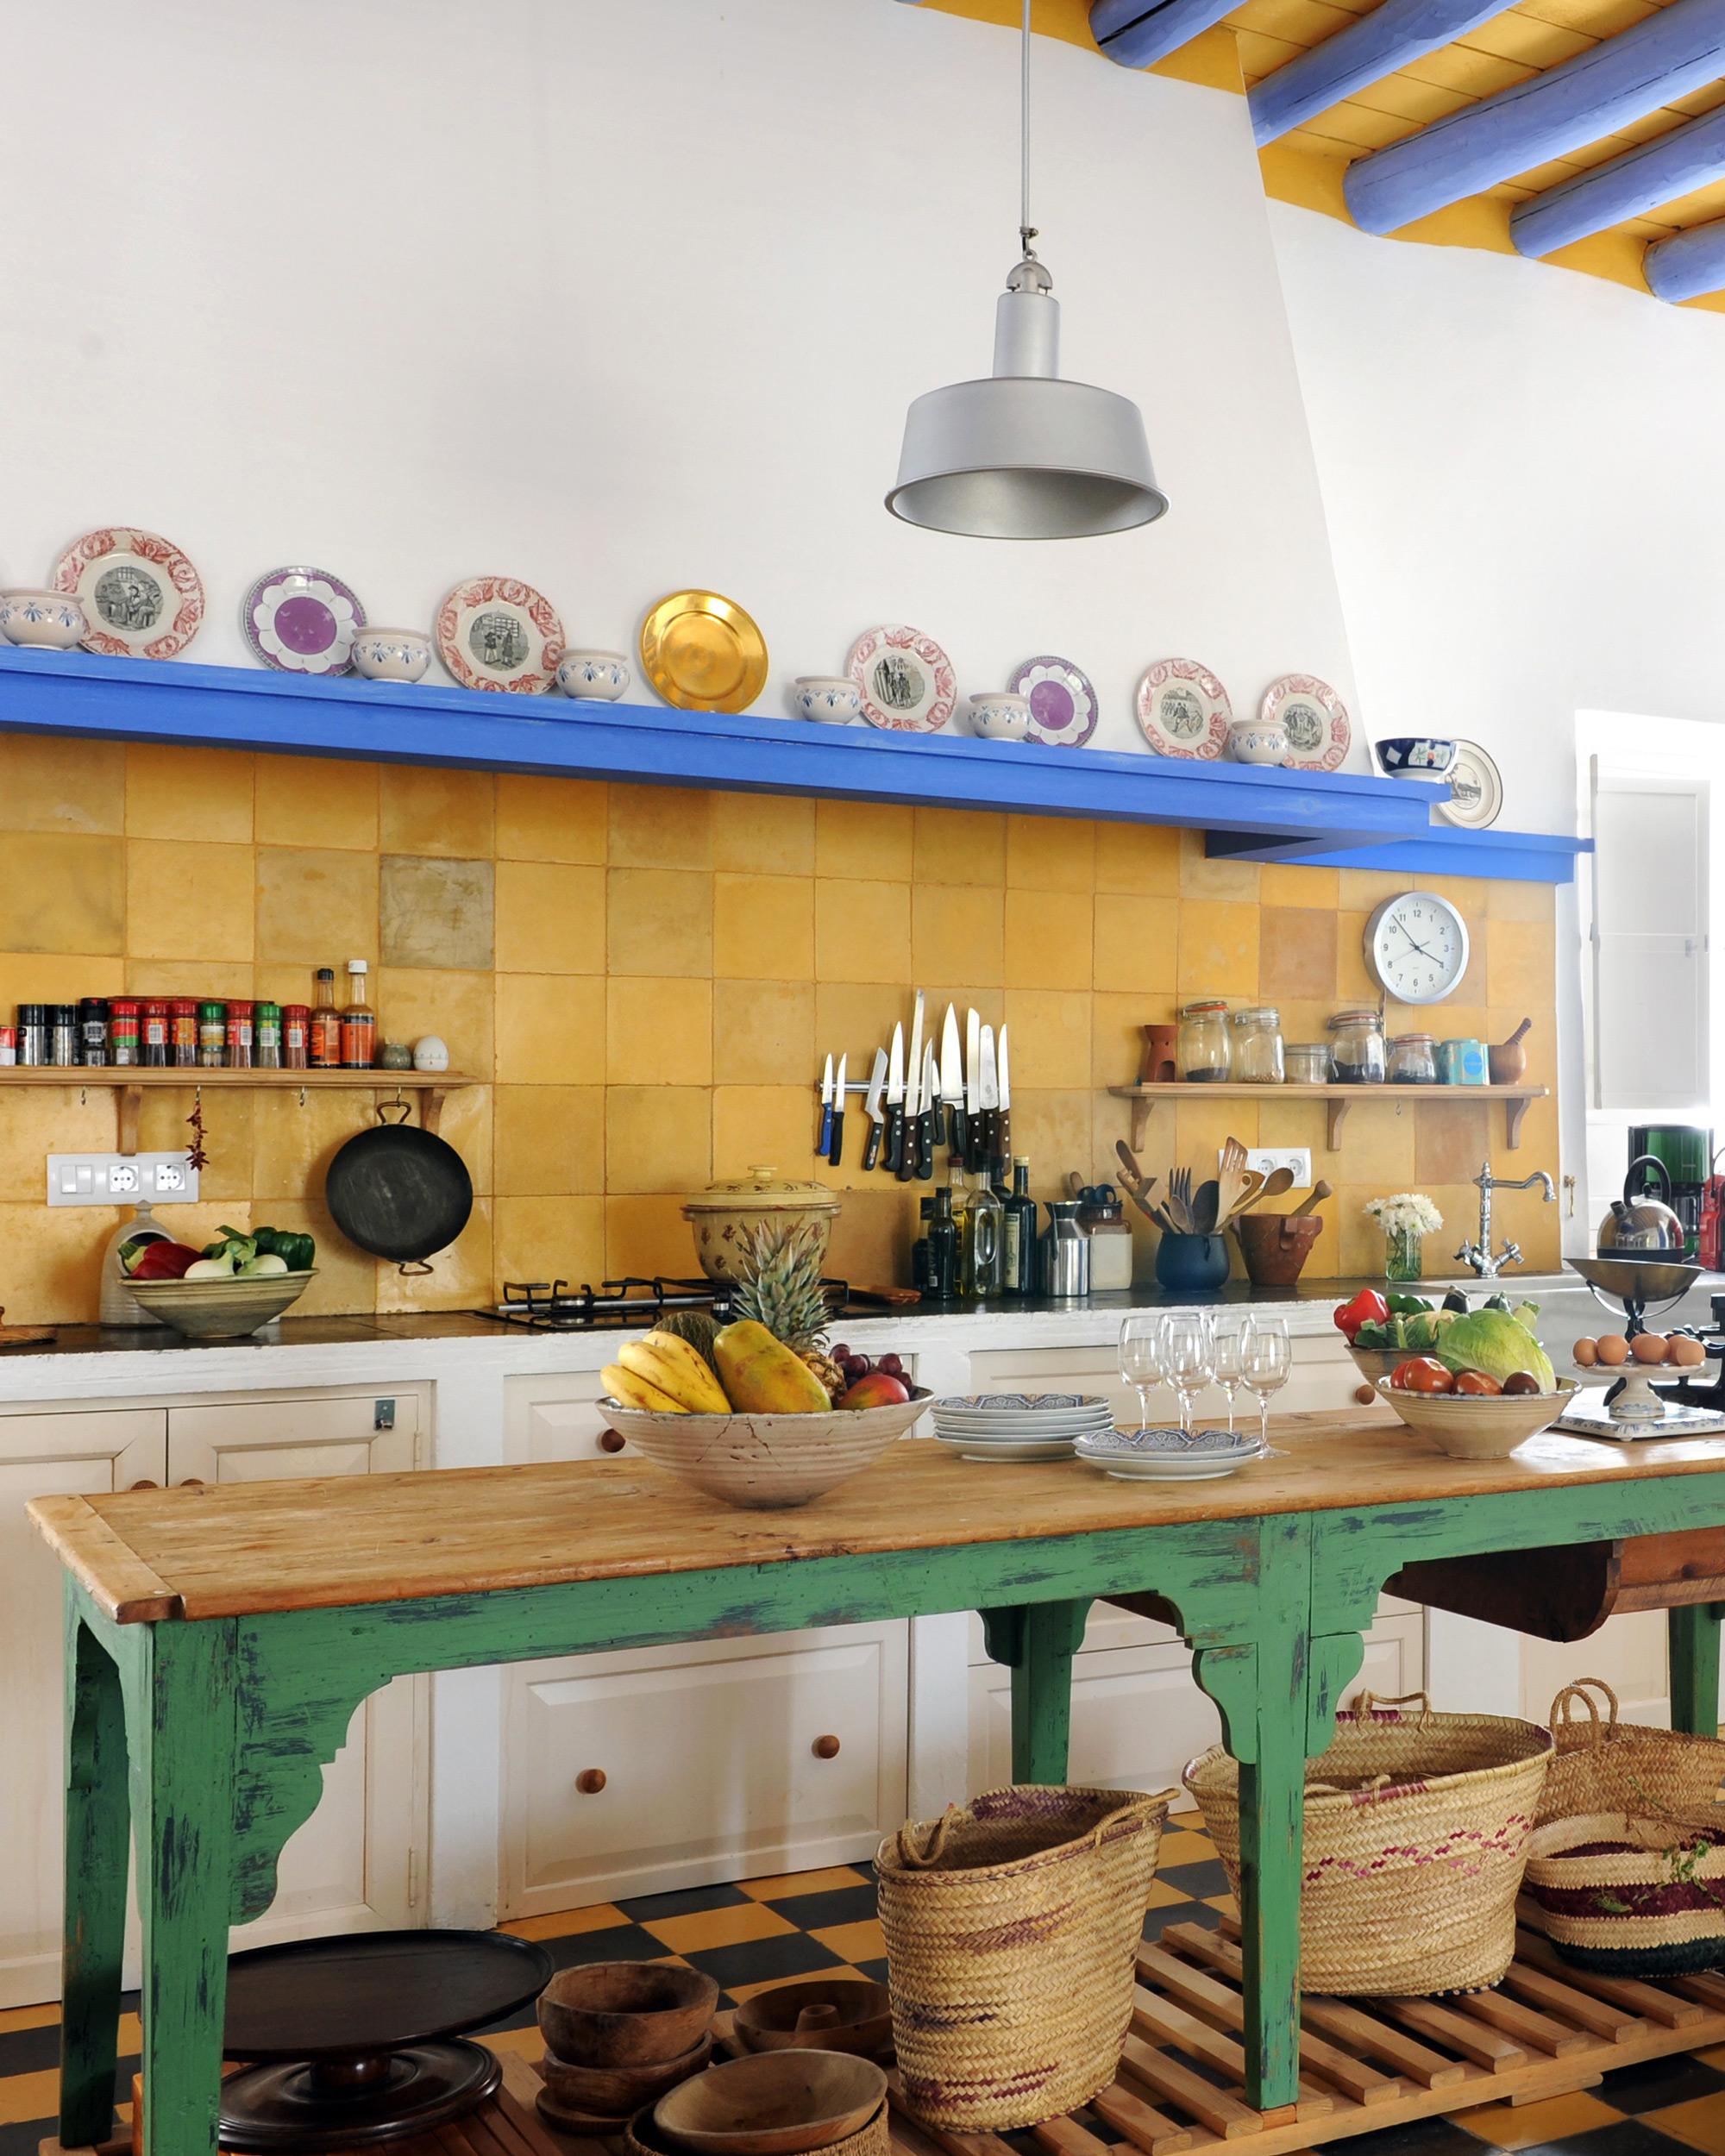 villa-rentals-spain-unique-properties-and-events-0316.jpg